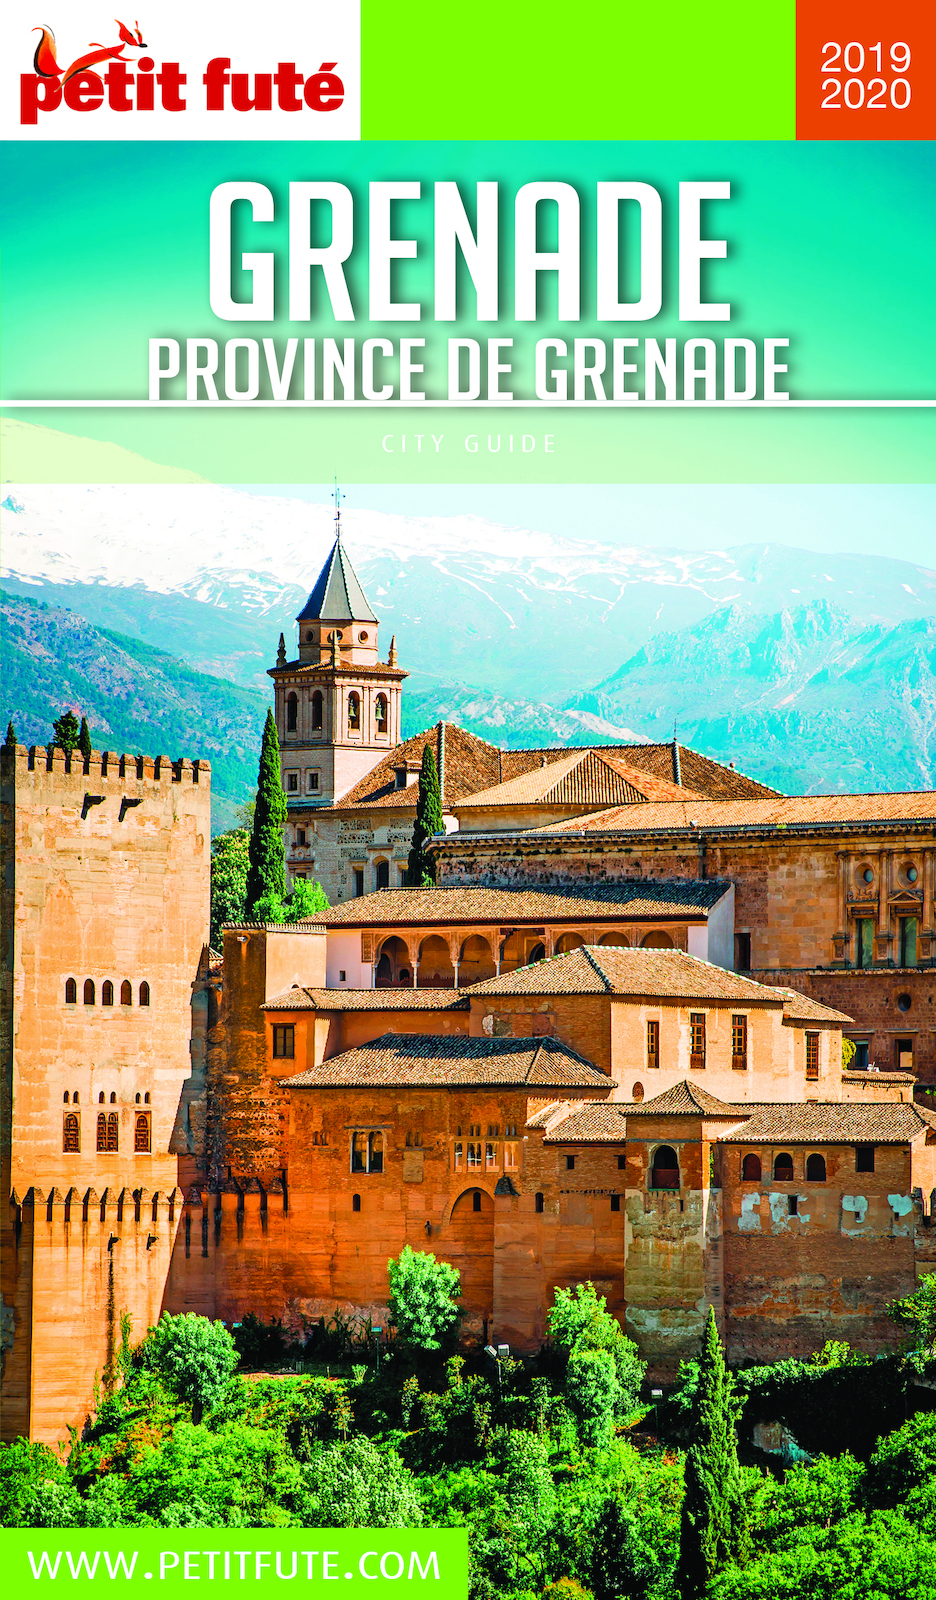 GRENADE / PROVINCE DE GRENADE 2019/2020 Petit Futé